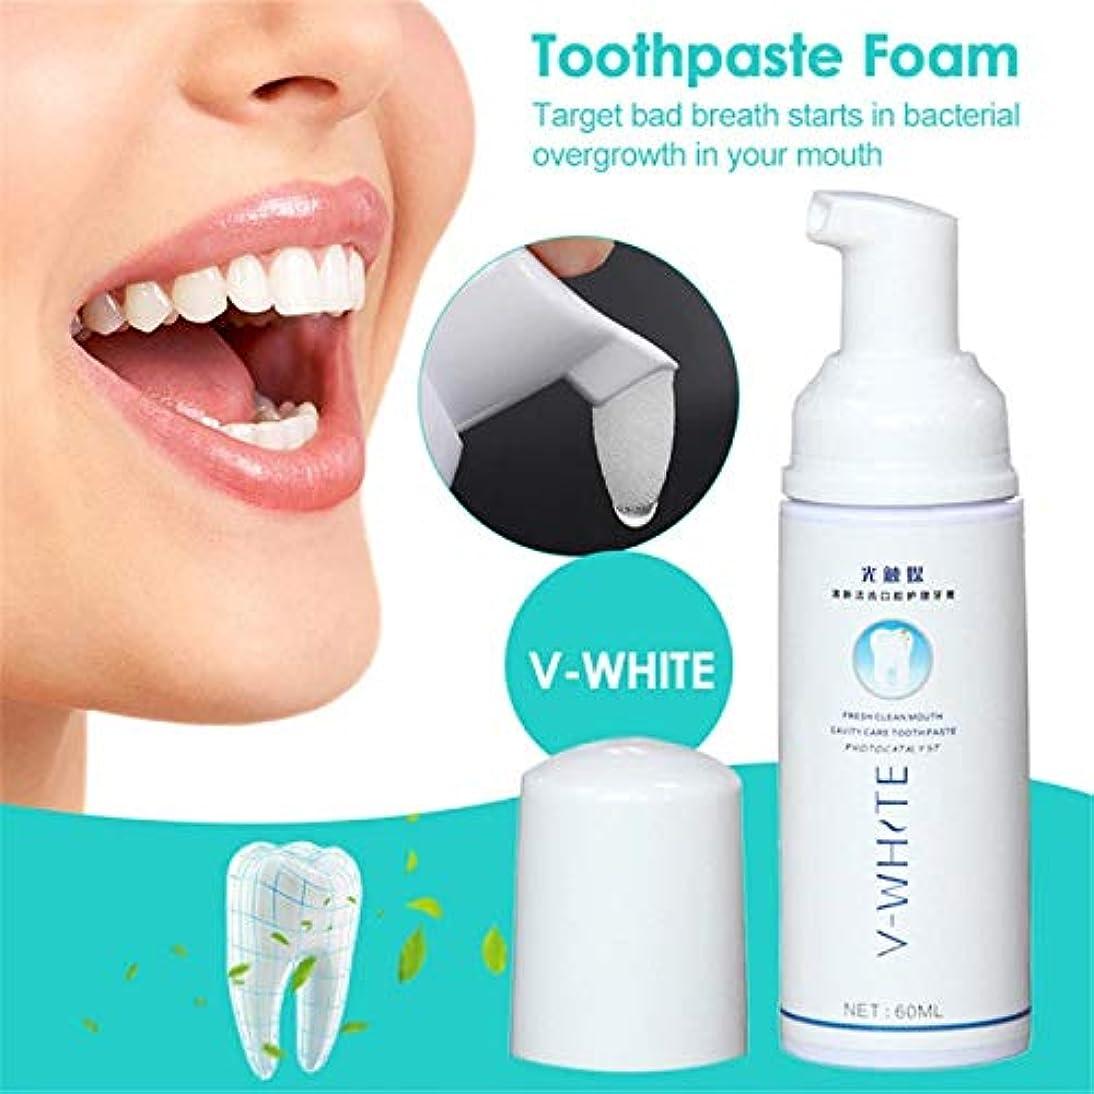 口実爆発もろい歯磨き粉の泡の歯科心配の自然なクリーニングの歯の口の洗浄水液体の口腔衛生の有効な泡、60ml, Toothpaste Foam Dental Care Natural Effective Cleaning Whitening Tooth Mouth Wash Water Liquid Oral Hygiene